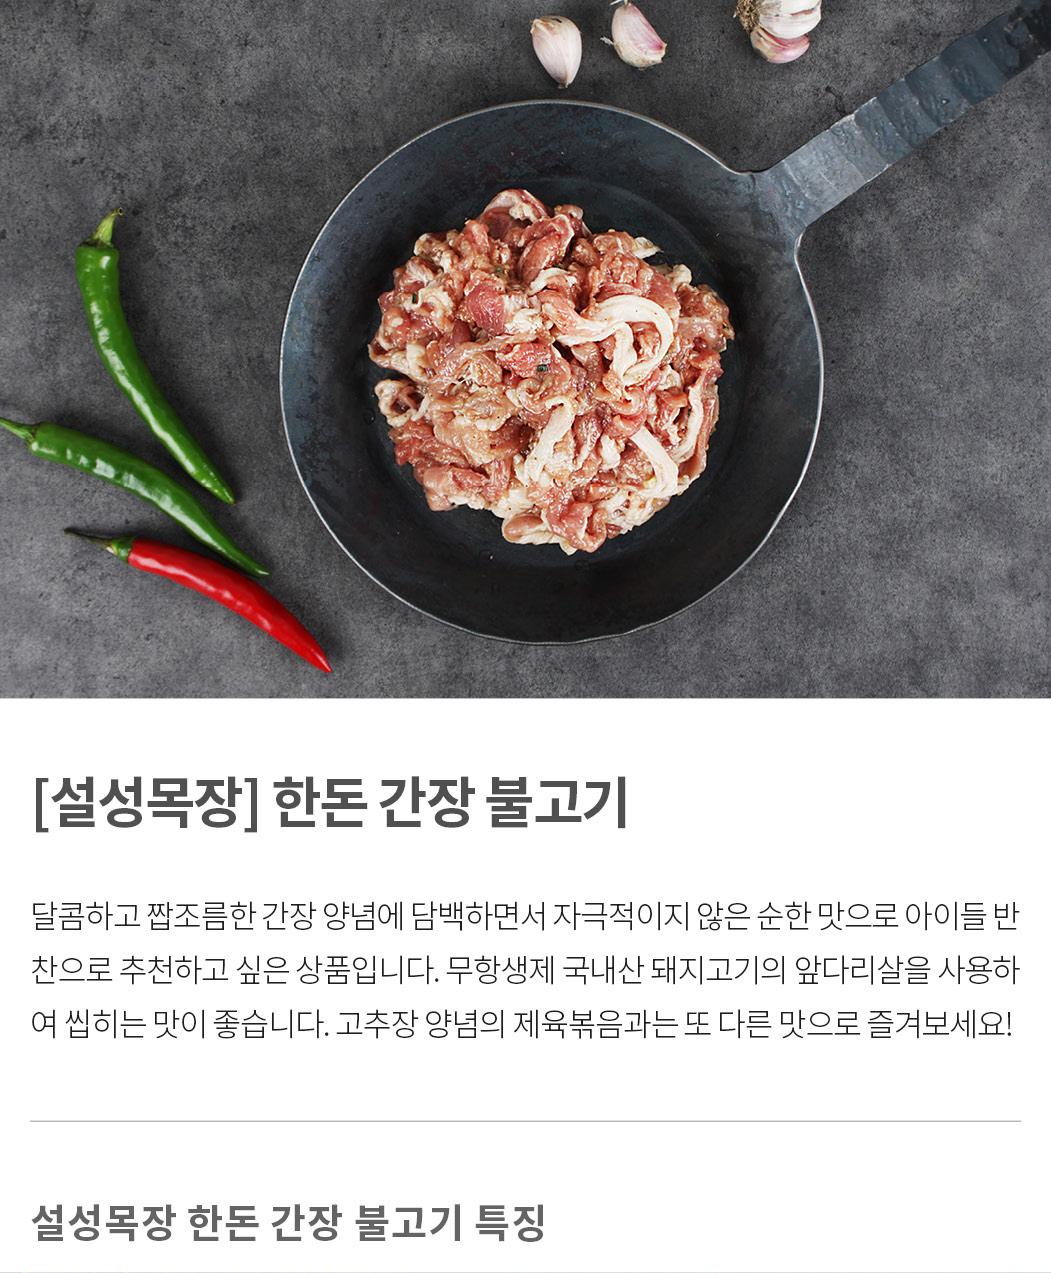 180201_한돈-간장-불고기-상세페이지_01.jpg